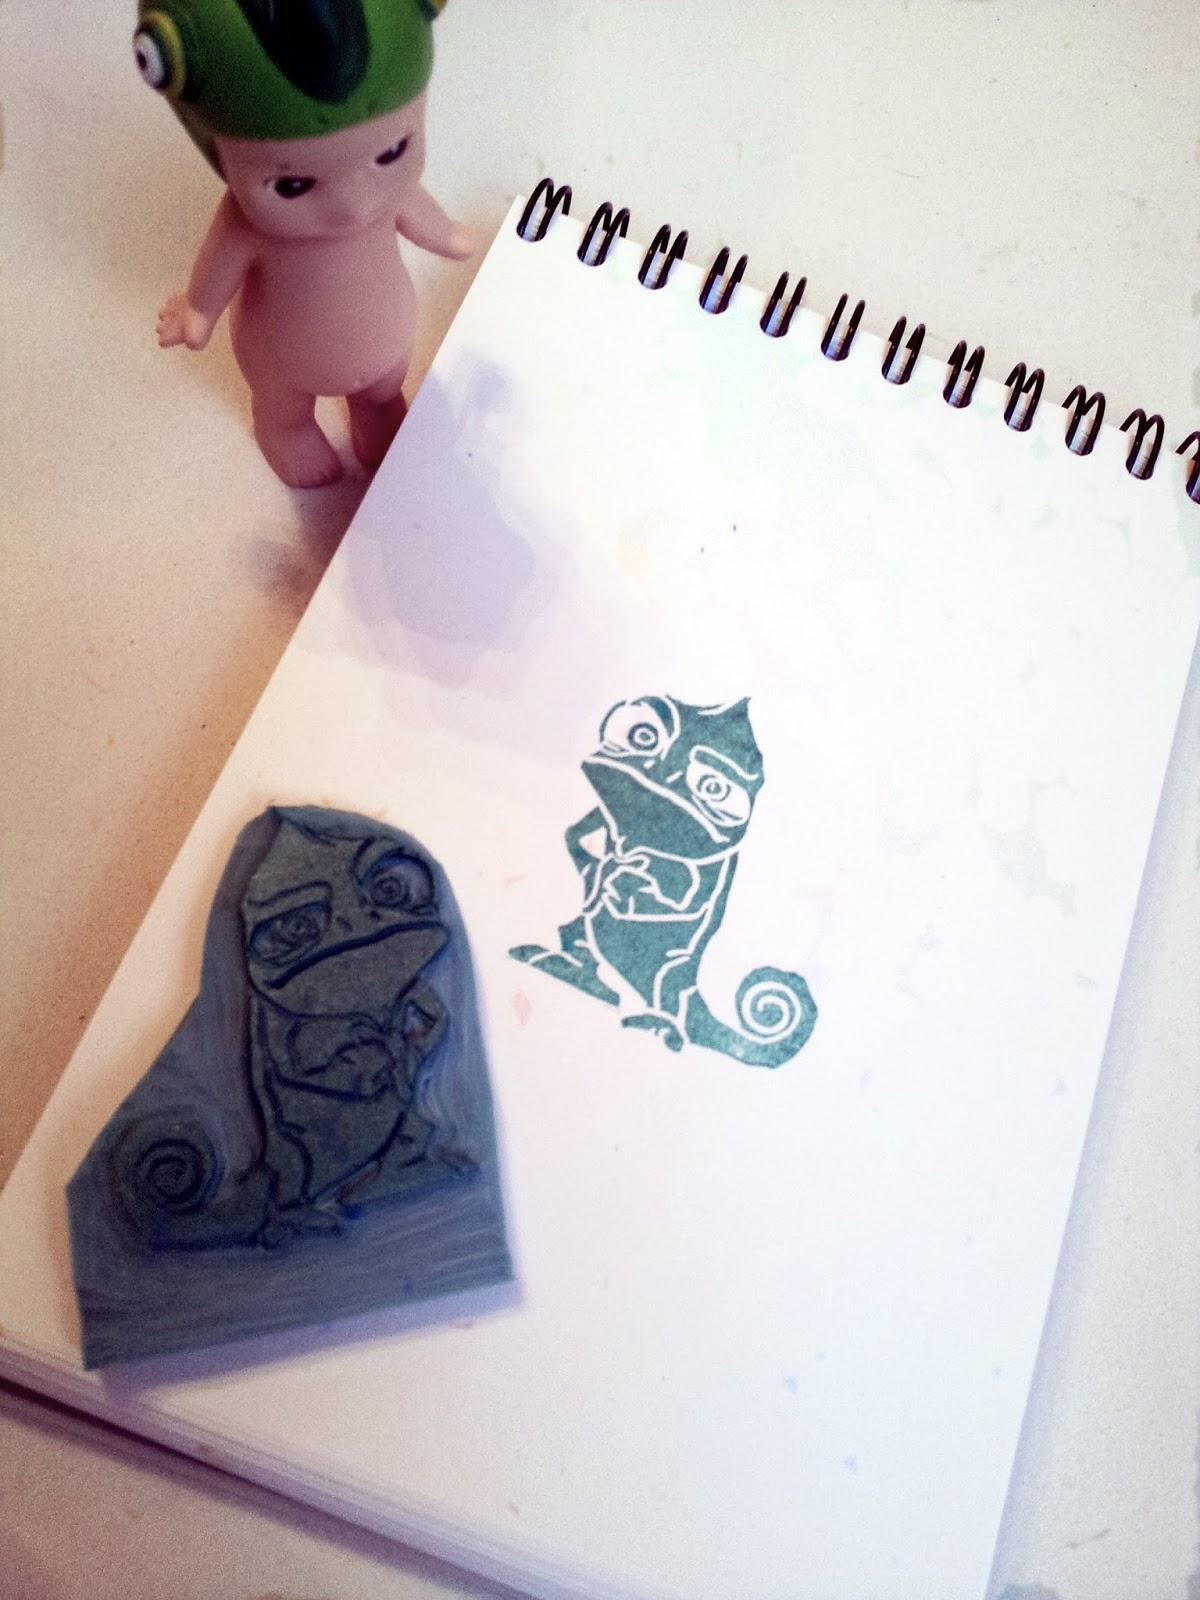 Sello hecho a mano del camaleón mas famoso de disney Pascal